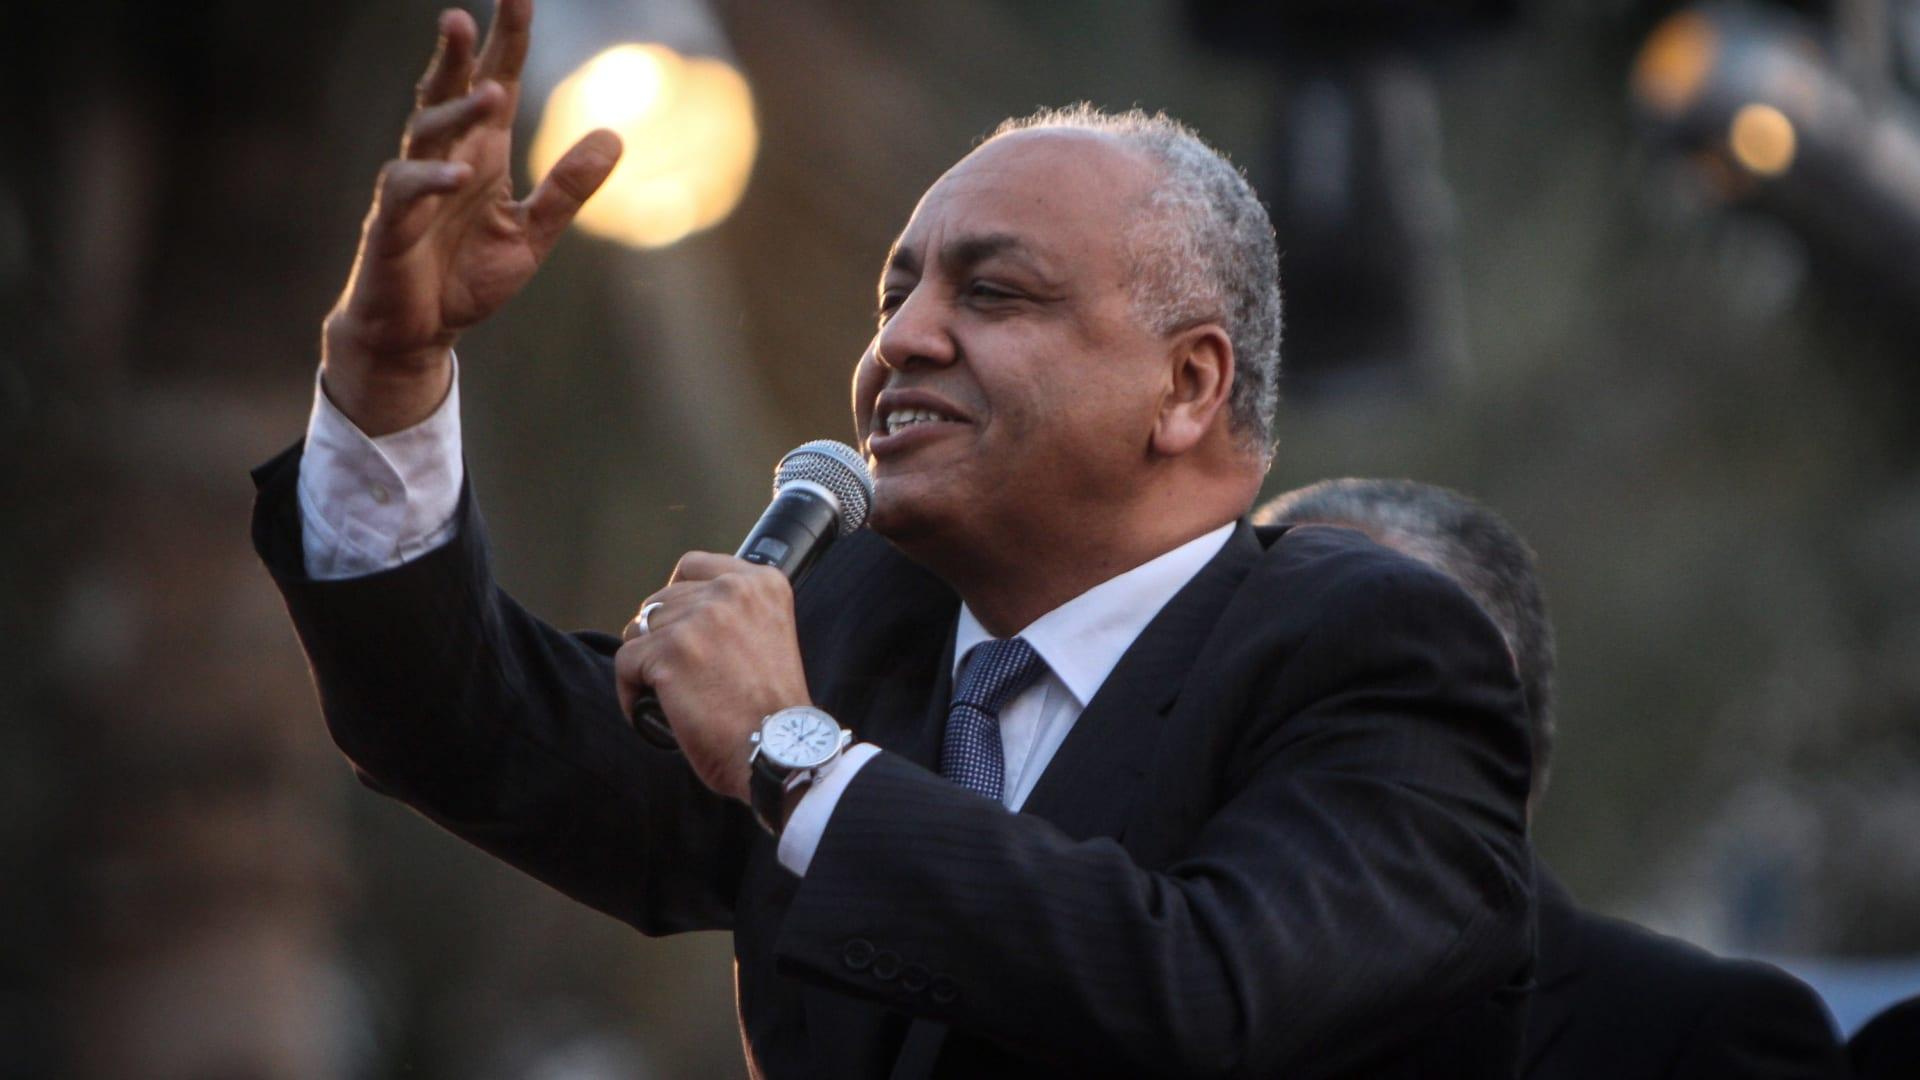 عضو مجلس النواب المصري الإعلامي مصطفى بكري